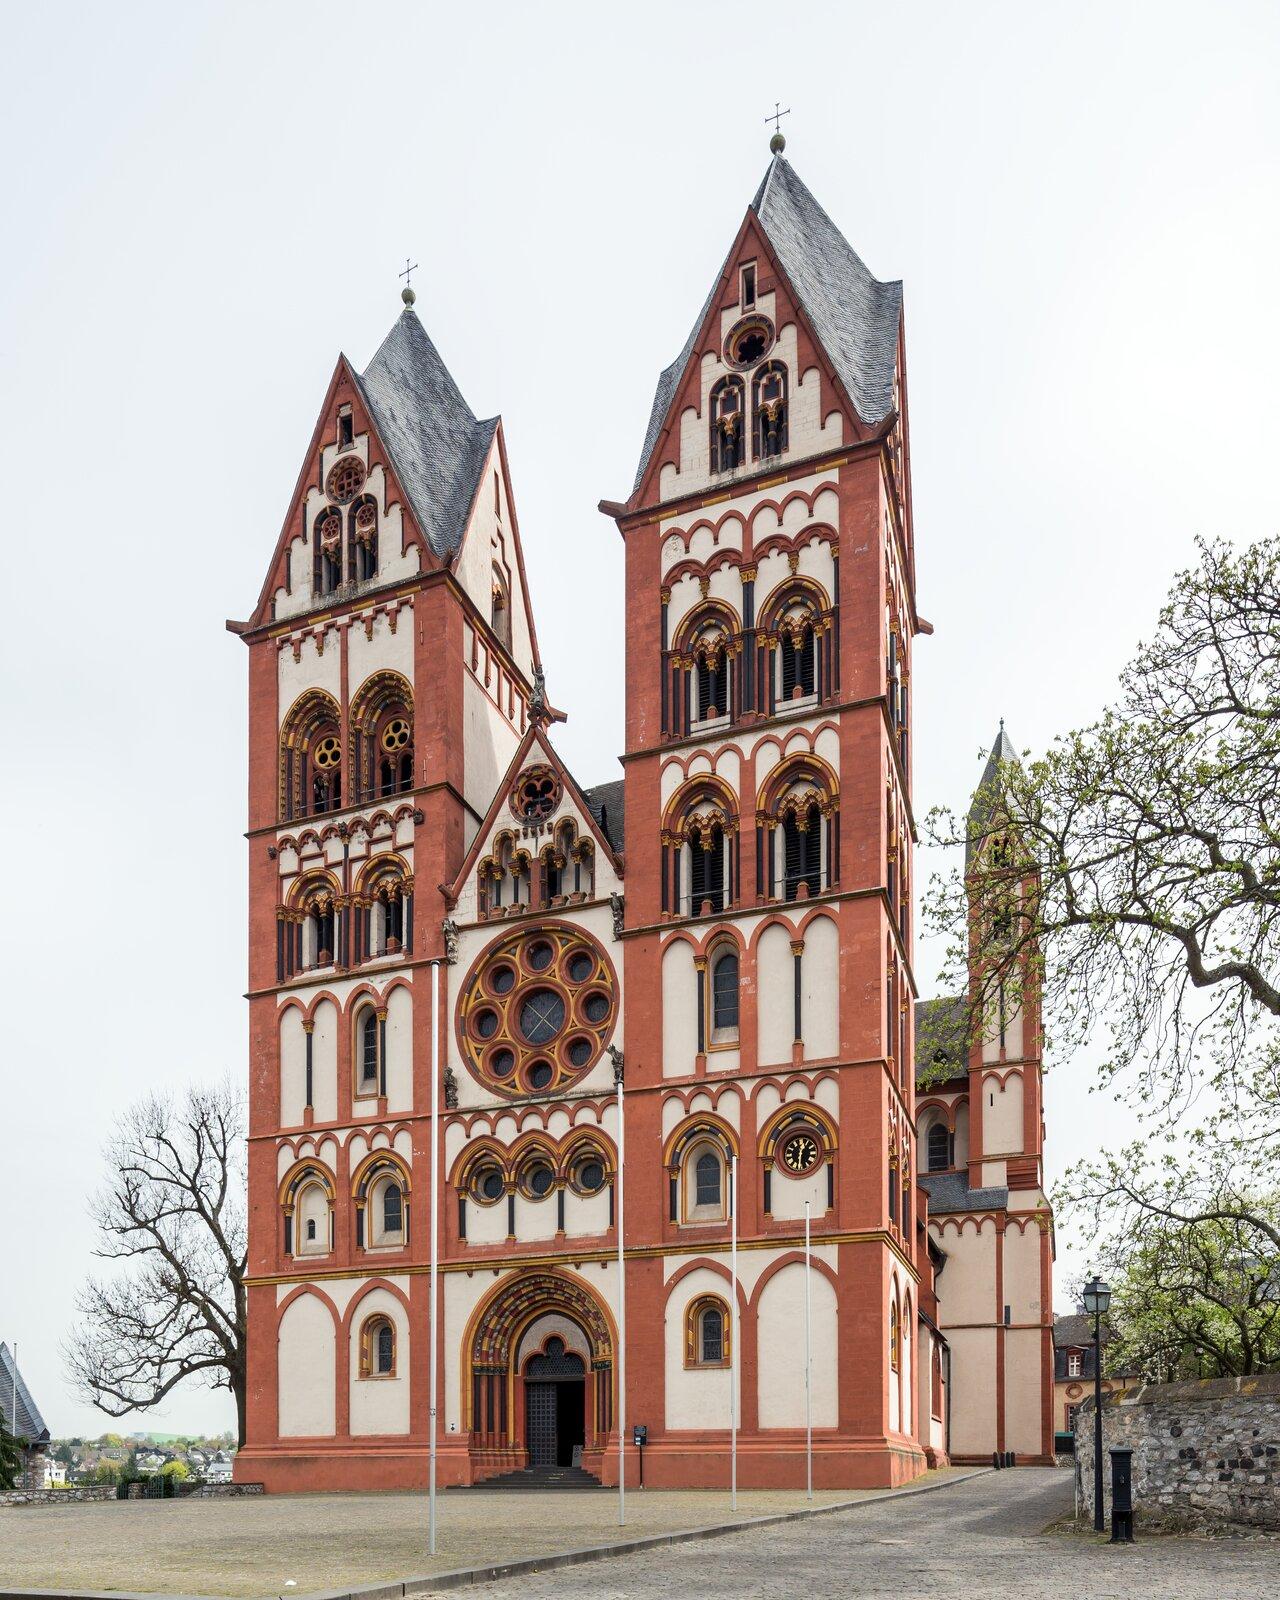 Ilustracja okształcie pionowego prostokąta przedstawia katedrę wLimburgu. Na zdjęciu został przedstawiony widok od strony portalu wejściowego. Katedra jest trójnawową budowlą zdwiema wieżami usytuowanymi wportalach bocznych. Na wszystkich kondygnacjach dzielonych gzymsem, znajdują się okna. Nad głównym wejściem usytuowana jest  rozeta oraz trójkątny szczyt.  Każda strona wieży zakończona jest wimpergą.